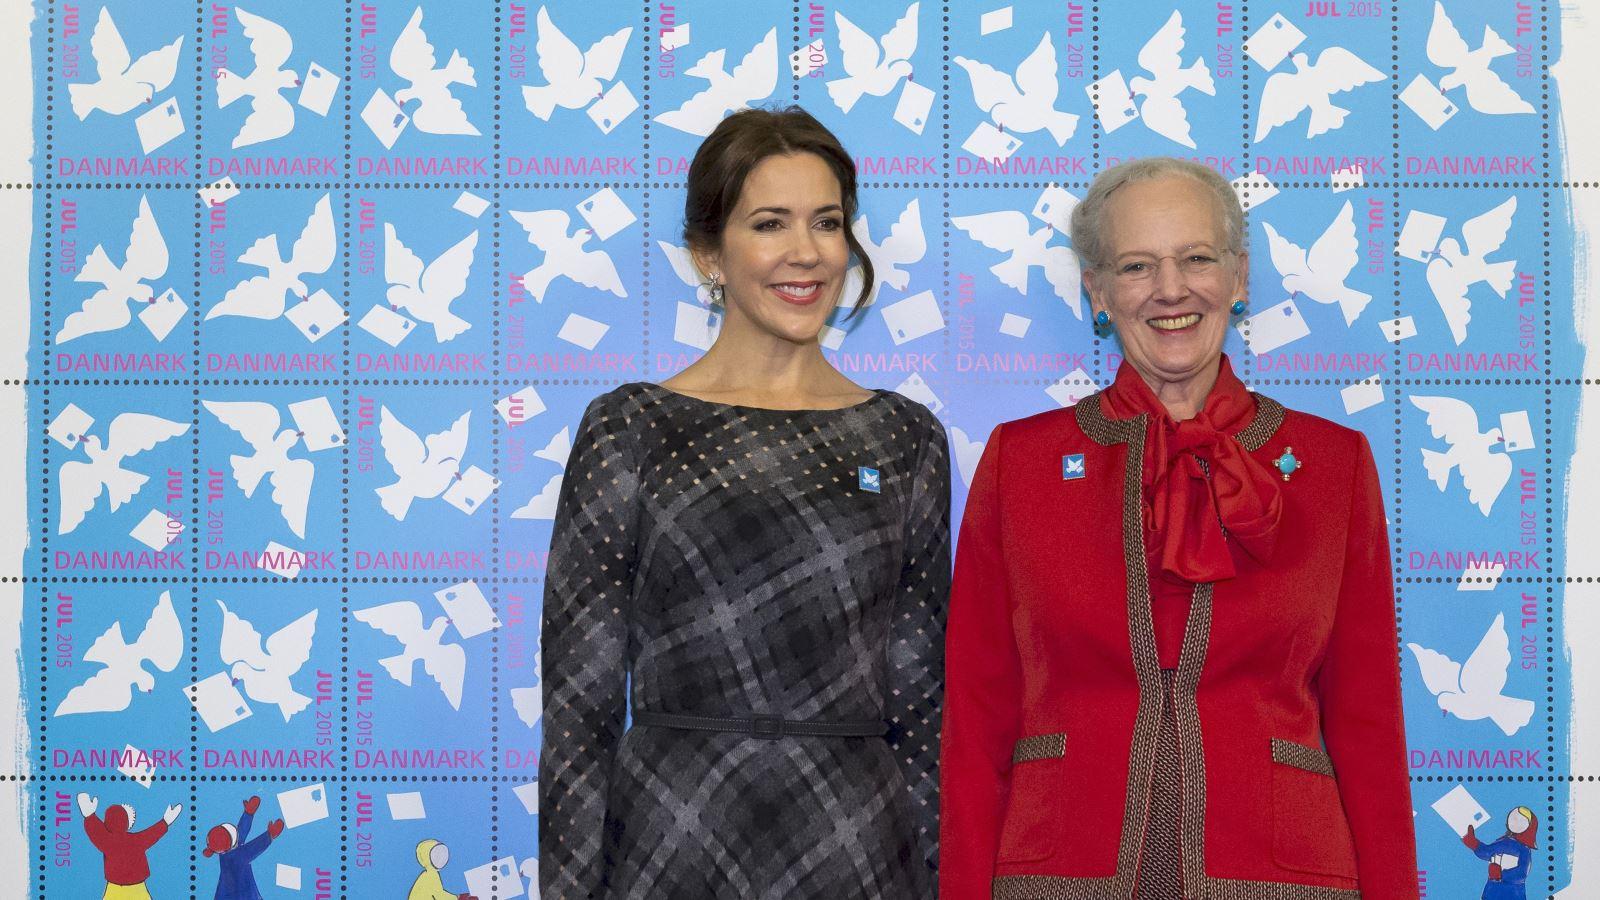 Julemaerket 2015 Dronning Margrethe og Kronprinsesse Mary